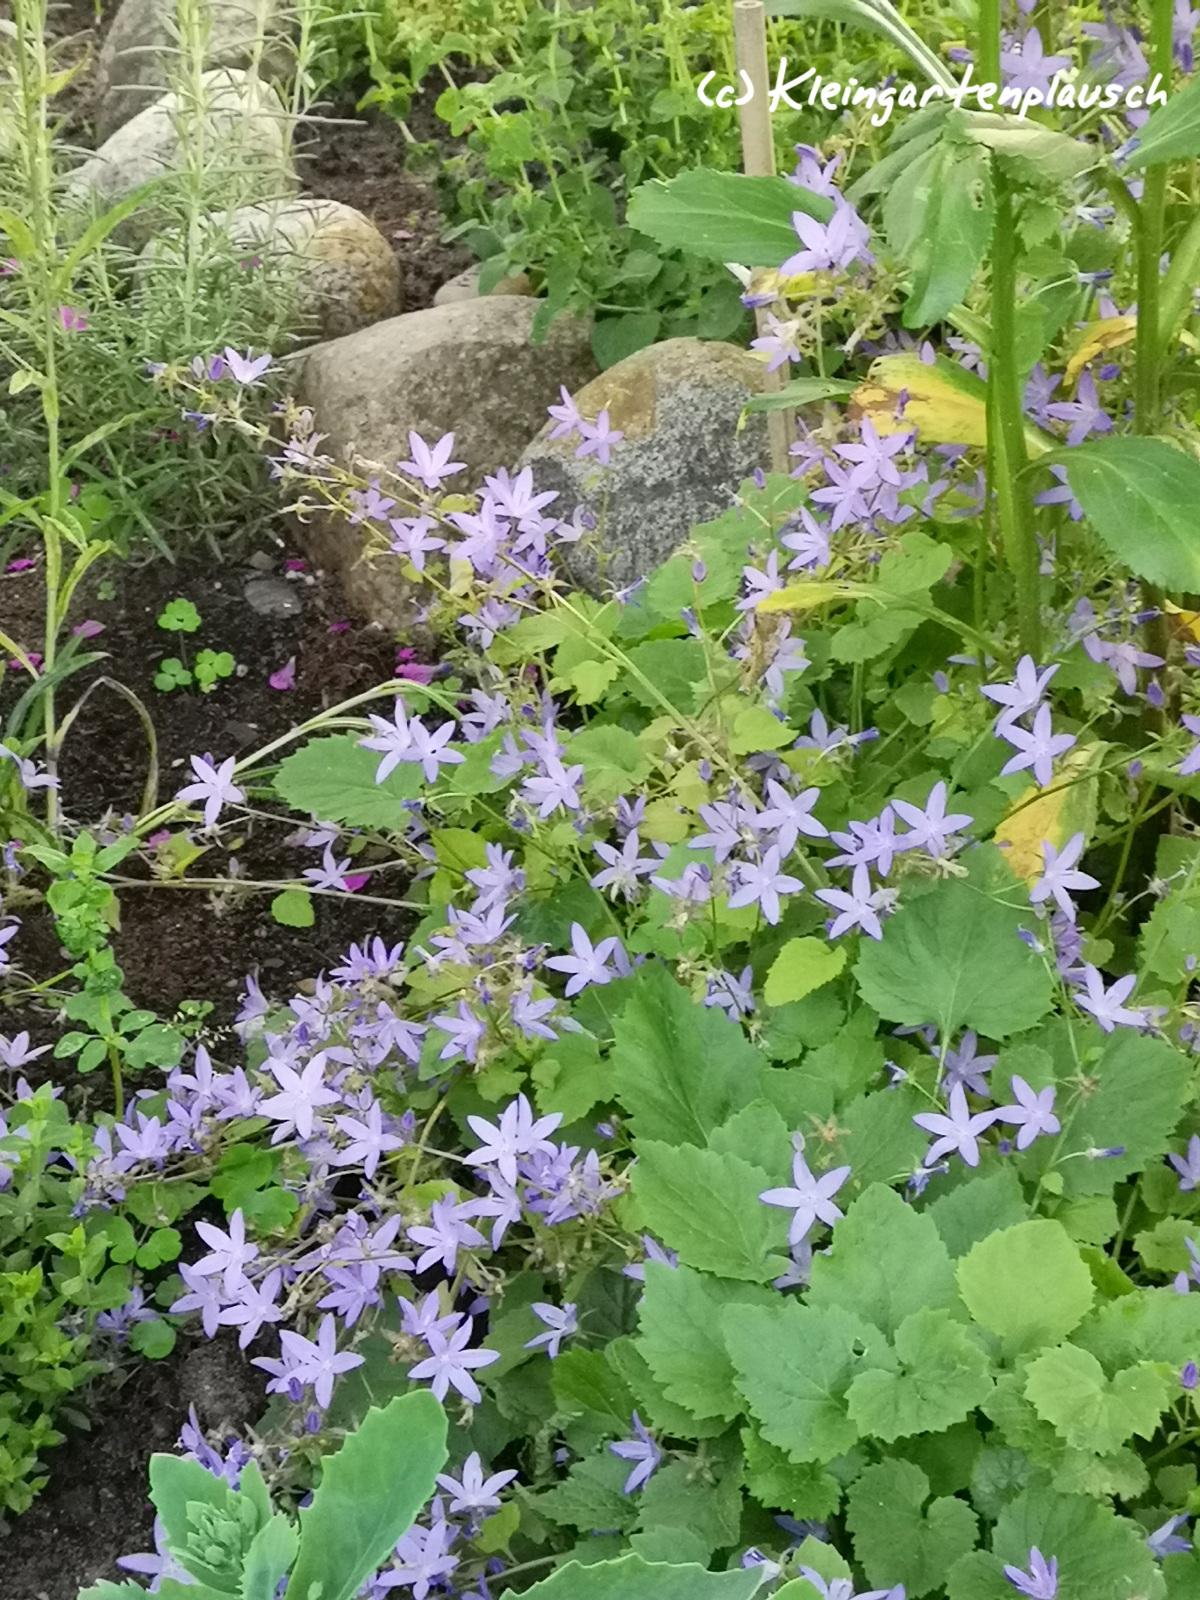 """Nun mal wieder ein bisschen Licht anknipsen und die niedrige Staudenglockenblume beäugen😁! Sie war komplett von Gamander und Braunelle überrollt. Ich habe sie rausgekommen, """"gesäubert""""  und neu gepflanzt. Sie dankt es mit einem kleinen Sternenteppich!"""